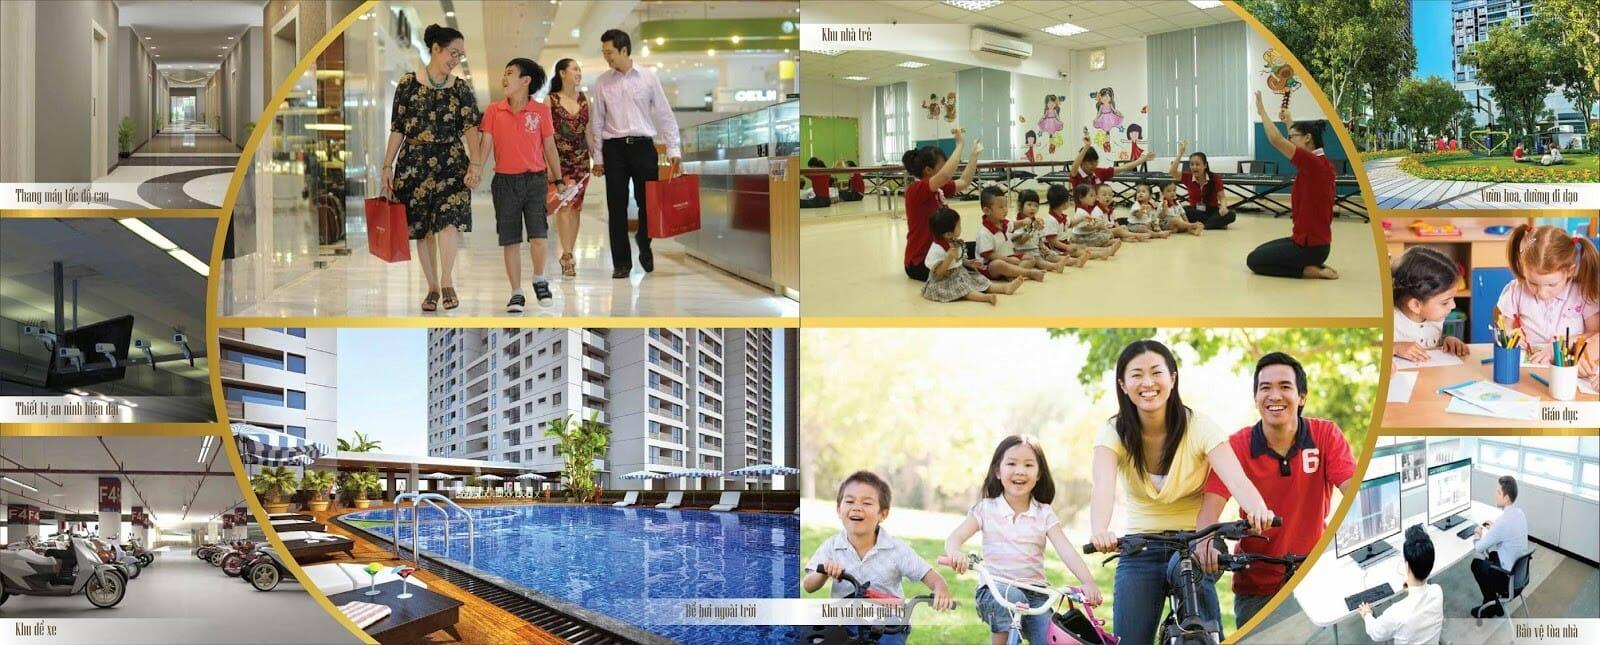 Bảng giá cho thuê căn hộ chung cư 8x Thái An